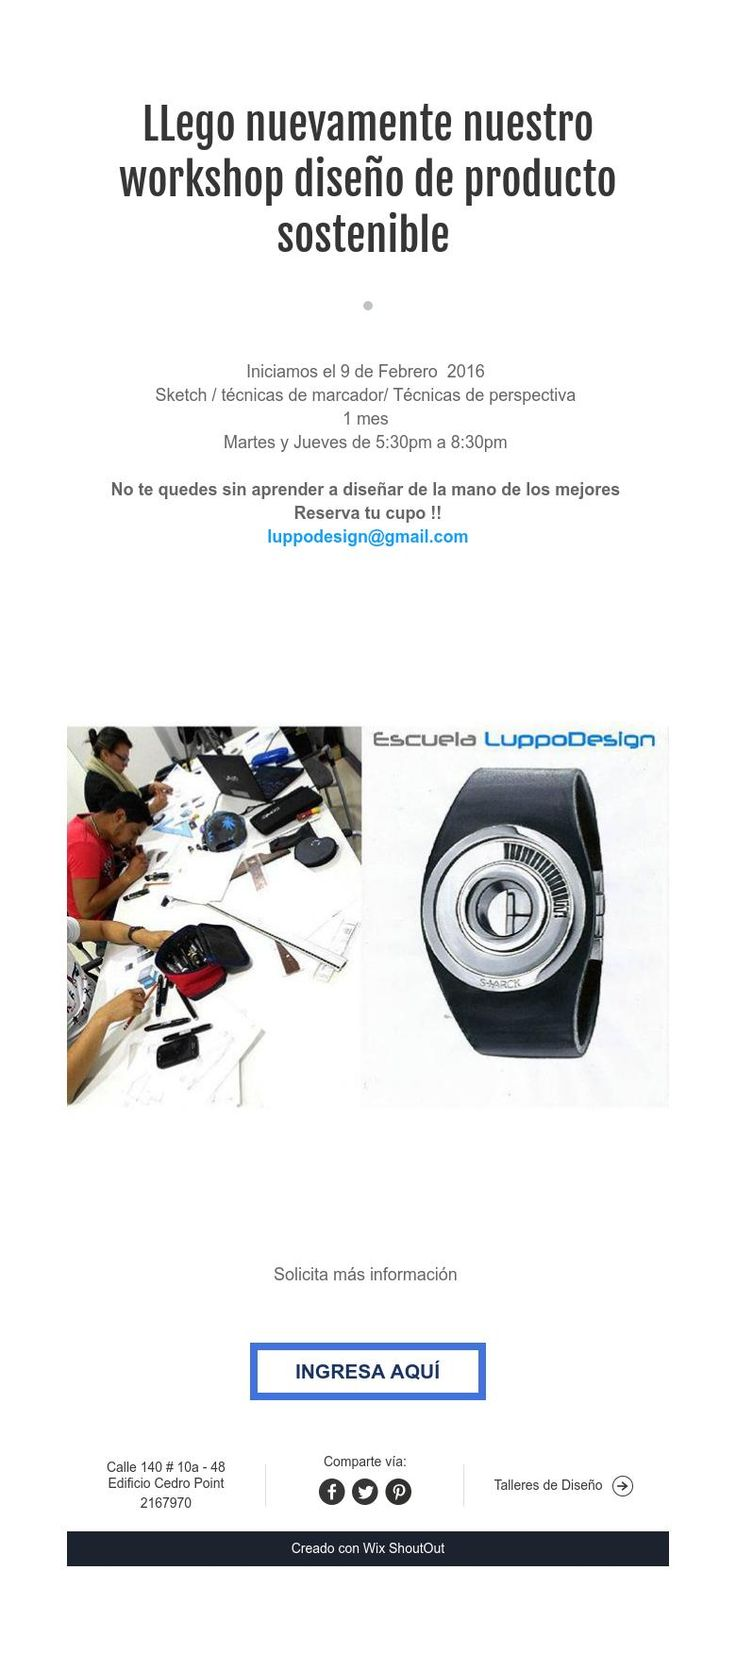 LLego nuevamente nuestro workshop diseño de producto sostenible